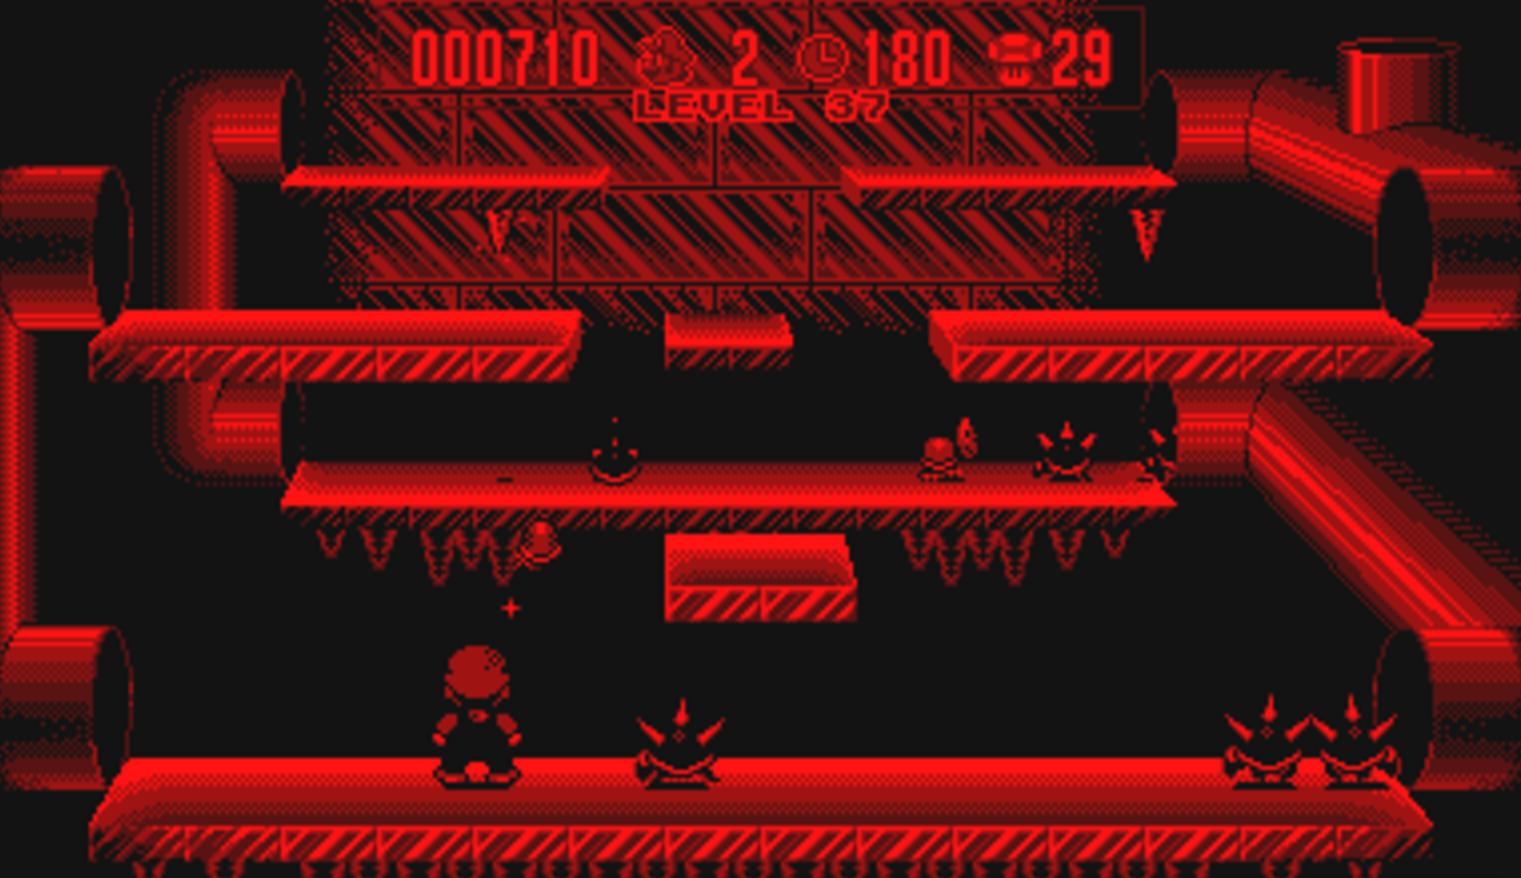 Cardboard: así se veían los juegos en Nintendo Virtual Boy